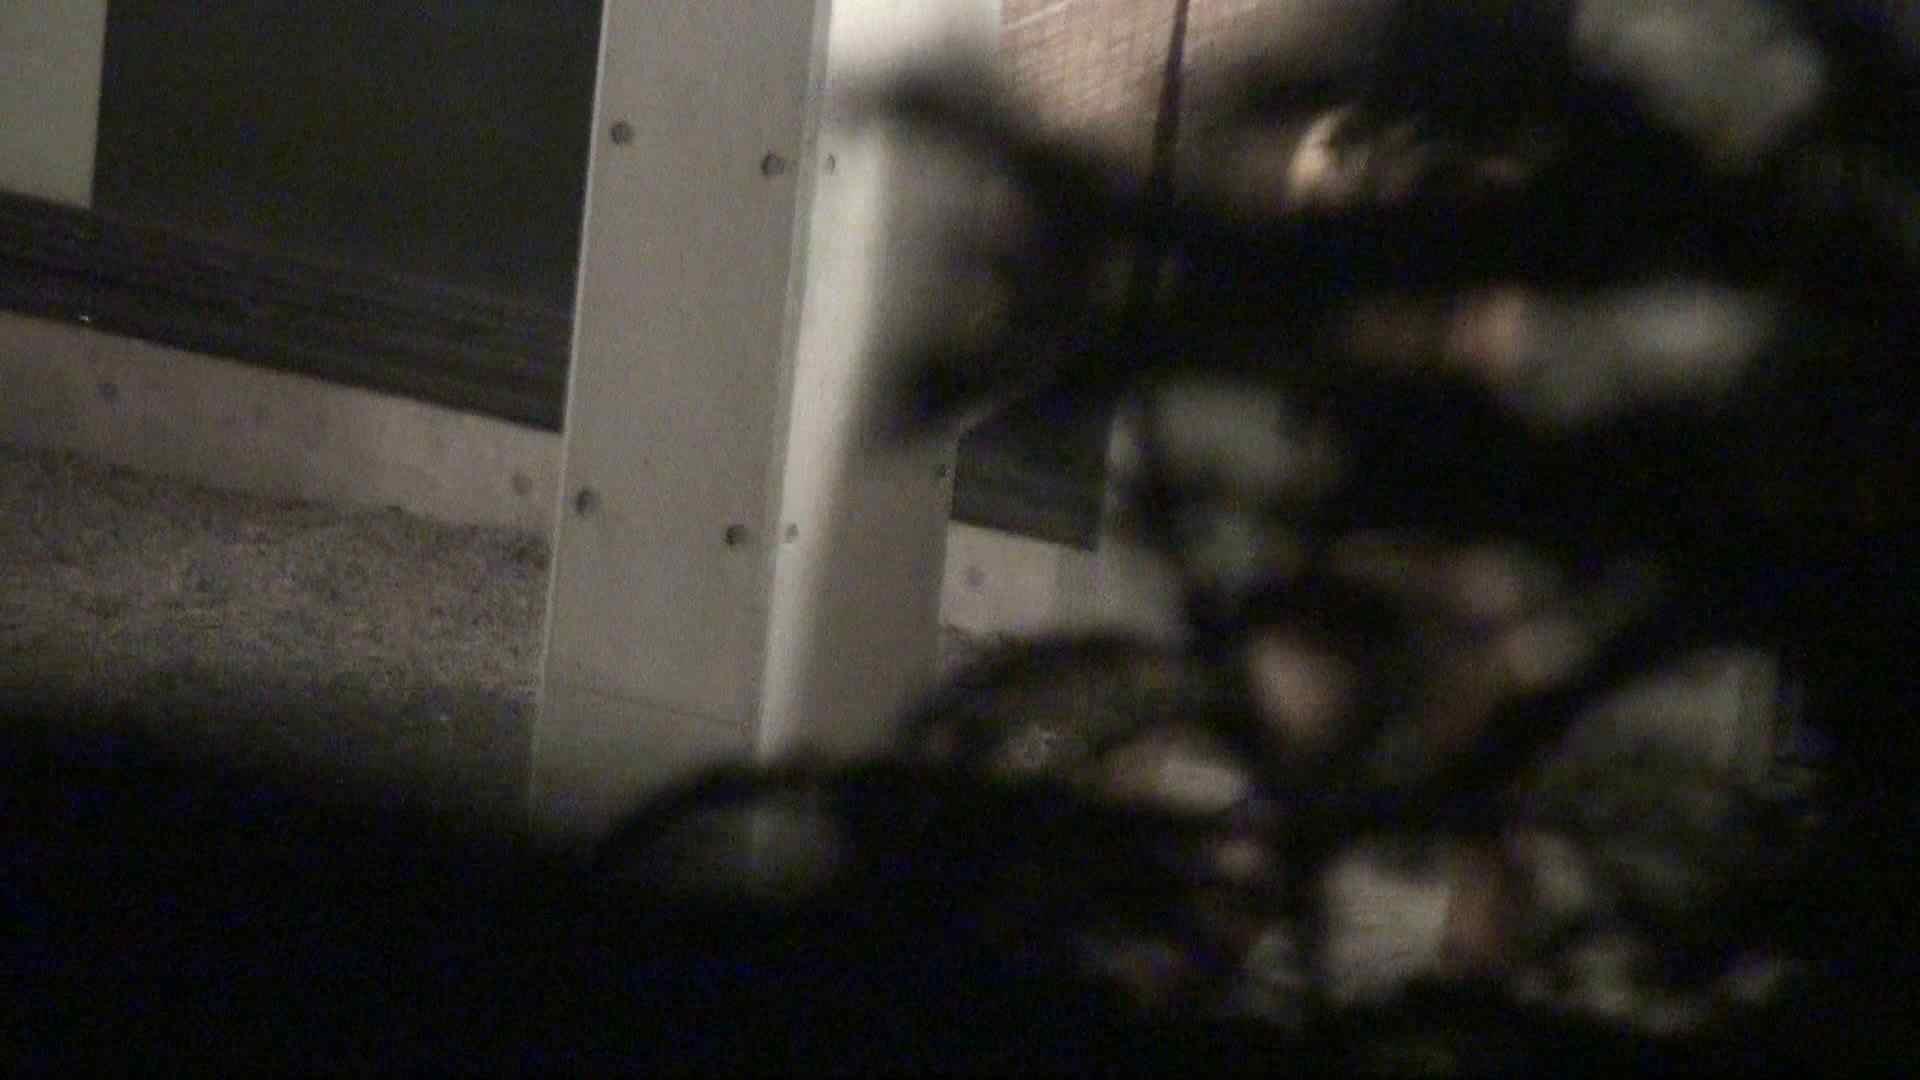 Aquaな露天風呂Vol.326 美しいOLの裸体 覗きおまんこ画像 89pic 83